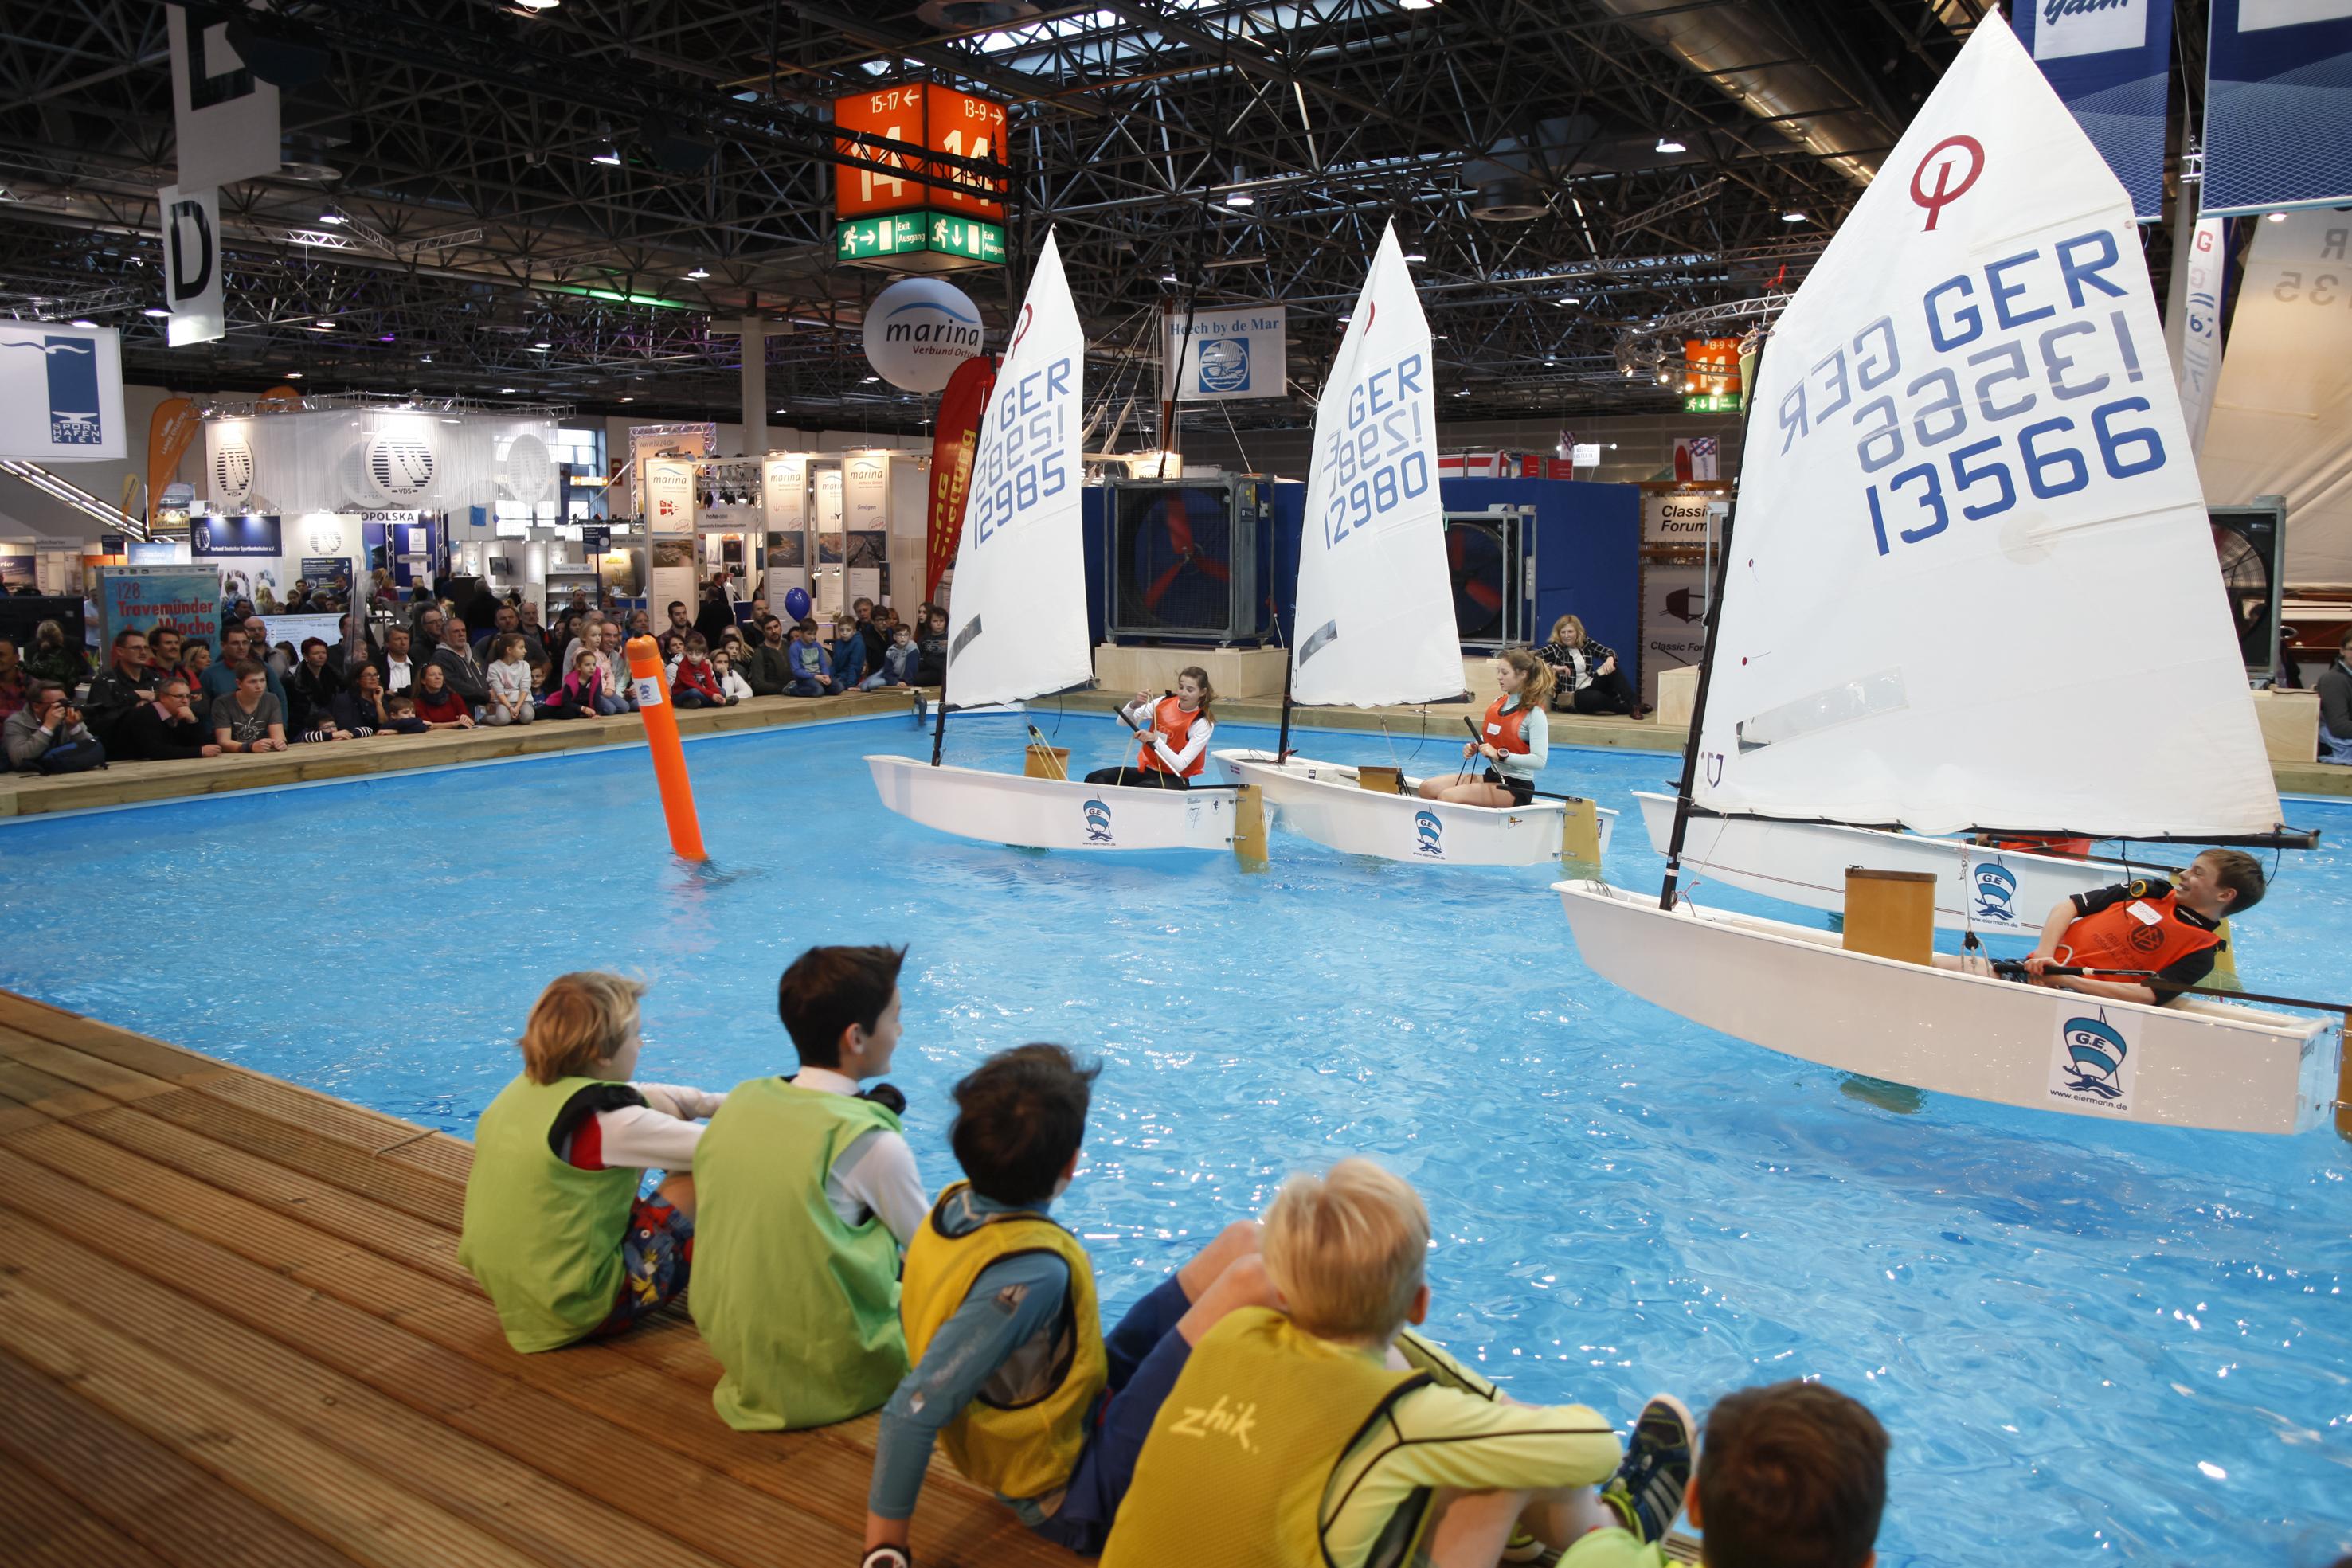 """Zur boot 2017 werden sich mehr als 1.800 Aussteller aus 70 Ländern auf 220.000 Quadratmetern präsentieren. Alle 17 Messehallen sind belegt und bieten ein komplettes Abbild des Weltmarktes für den Wassersport. Michelidakis: """"Die ausstellenden Unternehmen richten ihre Messebudgets speziell auf Düsseldorf aus, um sich bei uns in voller Pracht präsentieren zu können. Die boot ist die weltweit größte Boots-Präsentation: Rund 1.800 Boote werden hier in Düsseldorf zu sehen sein."""" Deutlich mehr als die Hälfte der Aussteller kommen inzwischen aus dem europäischen Ausland und aus Übersee. Führend sind dabei die großen Wassersportnationen Niederlande, Italien, Frankreich und Großbritannien. E-Tickets für die boot Düsseldorf können zum günstigen Online-Preis von 17,00 Euro für die Tageskarte sowie 25,00 Euro für das Zwei-Tagesticket geordert werden. Wer es noch günstiger haben möchte (14,00 Euro Tageskarte und 23,00 Euro Zweitageskarte) und dazu noch einen Mehrwert an Informationen, den Zutritt zur boot.club-Lounge mit freiem WLAN auf der boot 2017 sowie spezielle Angebote und Gewinnspiele nutzen möchte, der muss sich einfach auf boot.club.de anmelden und kann direkt von diesen Vorteilen profitieren."""